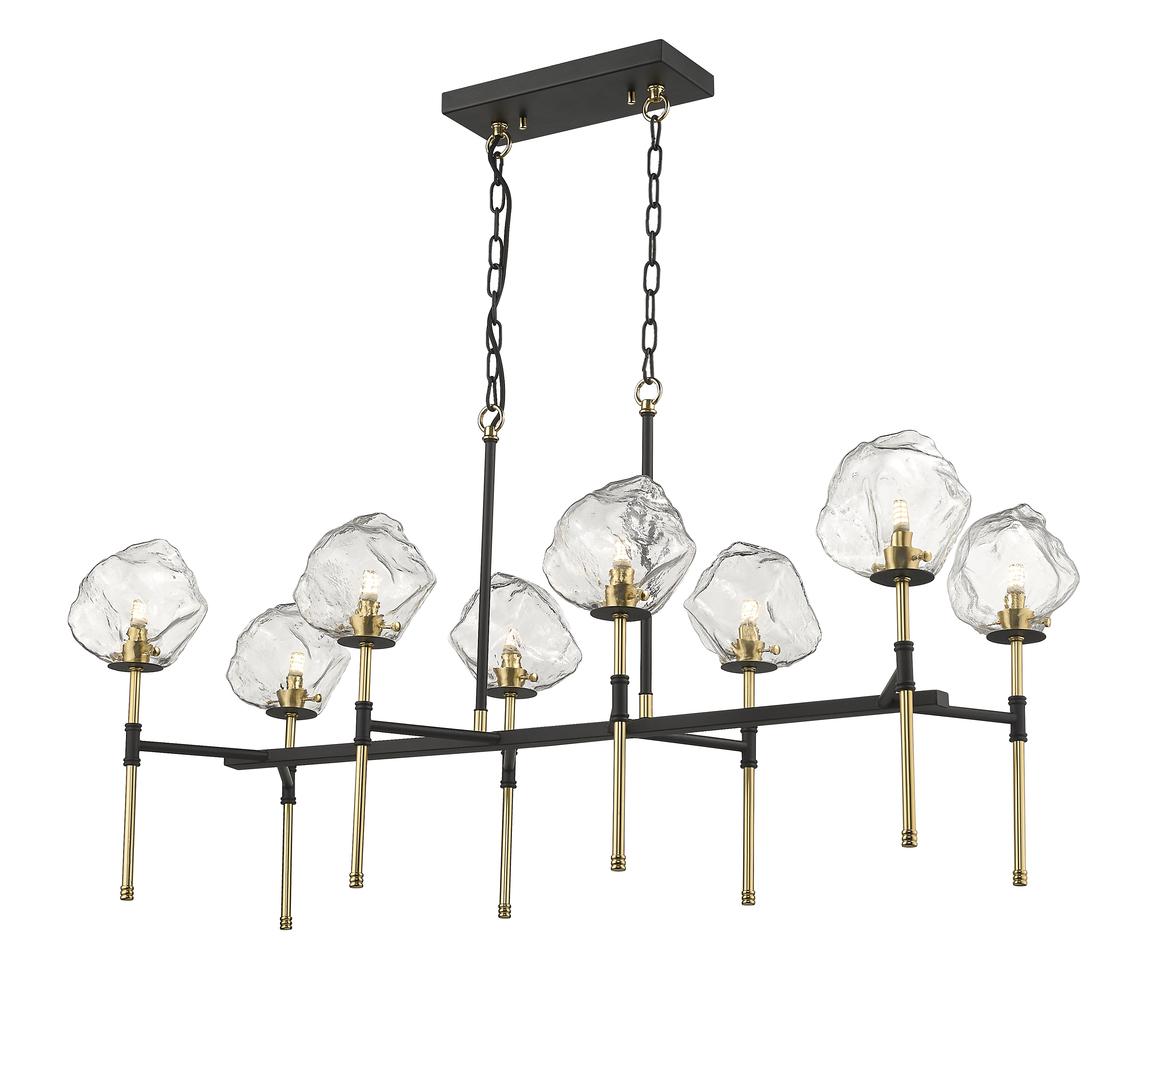 P0488 08 L Skalní závěsná lampa Seac Black + Gold / Matt Black + Matt Gold